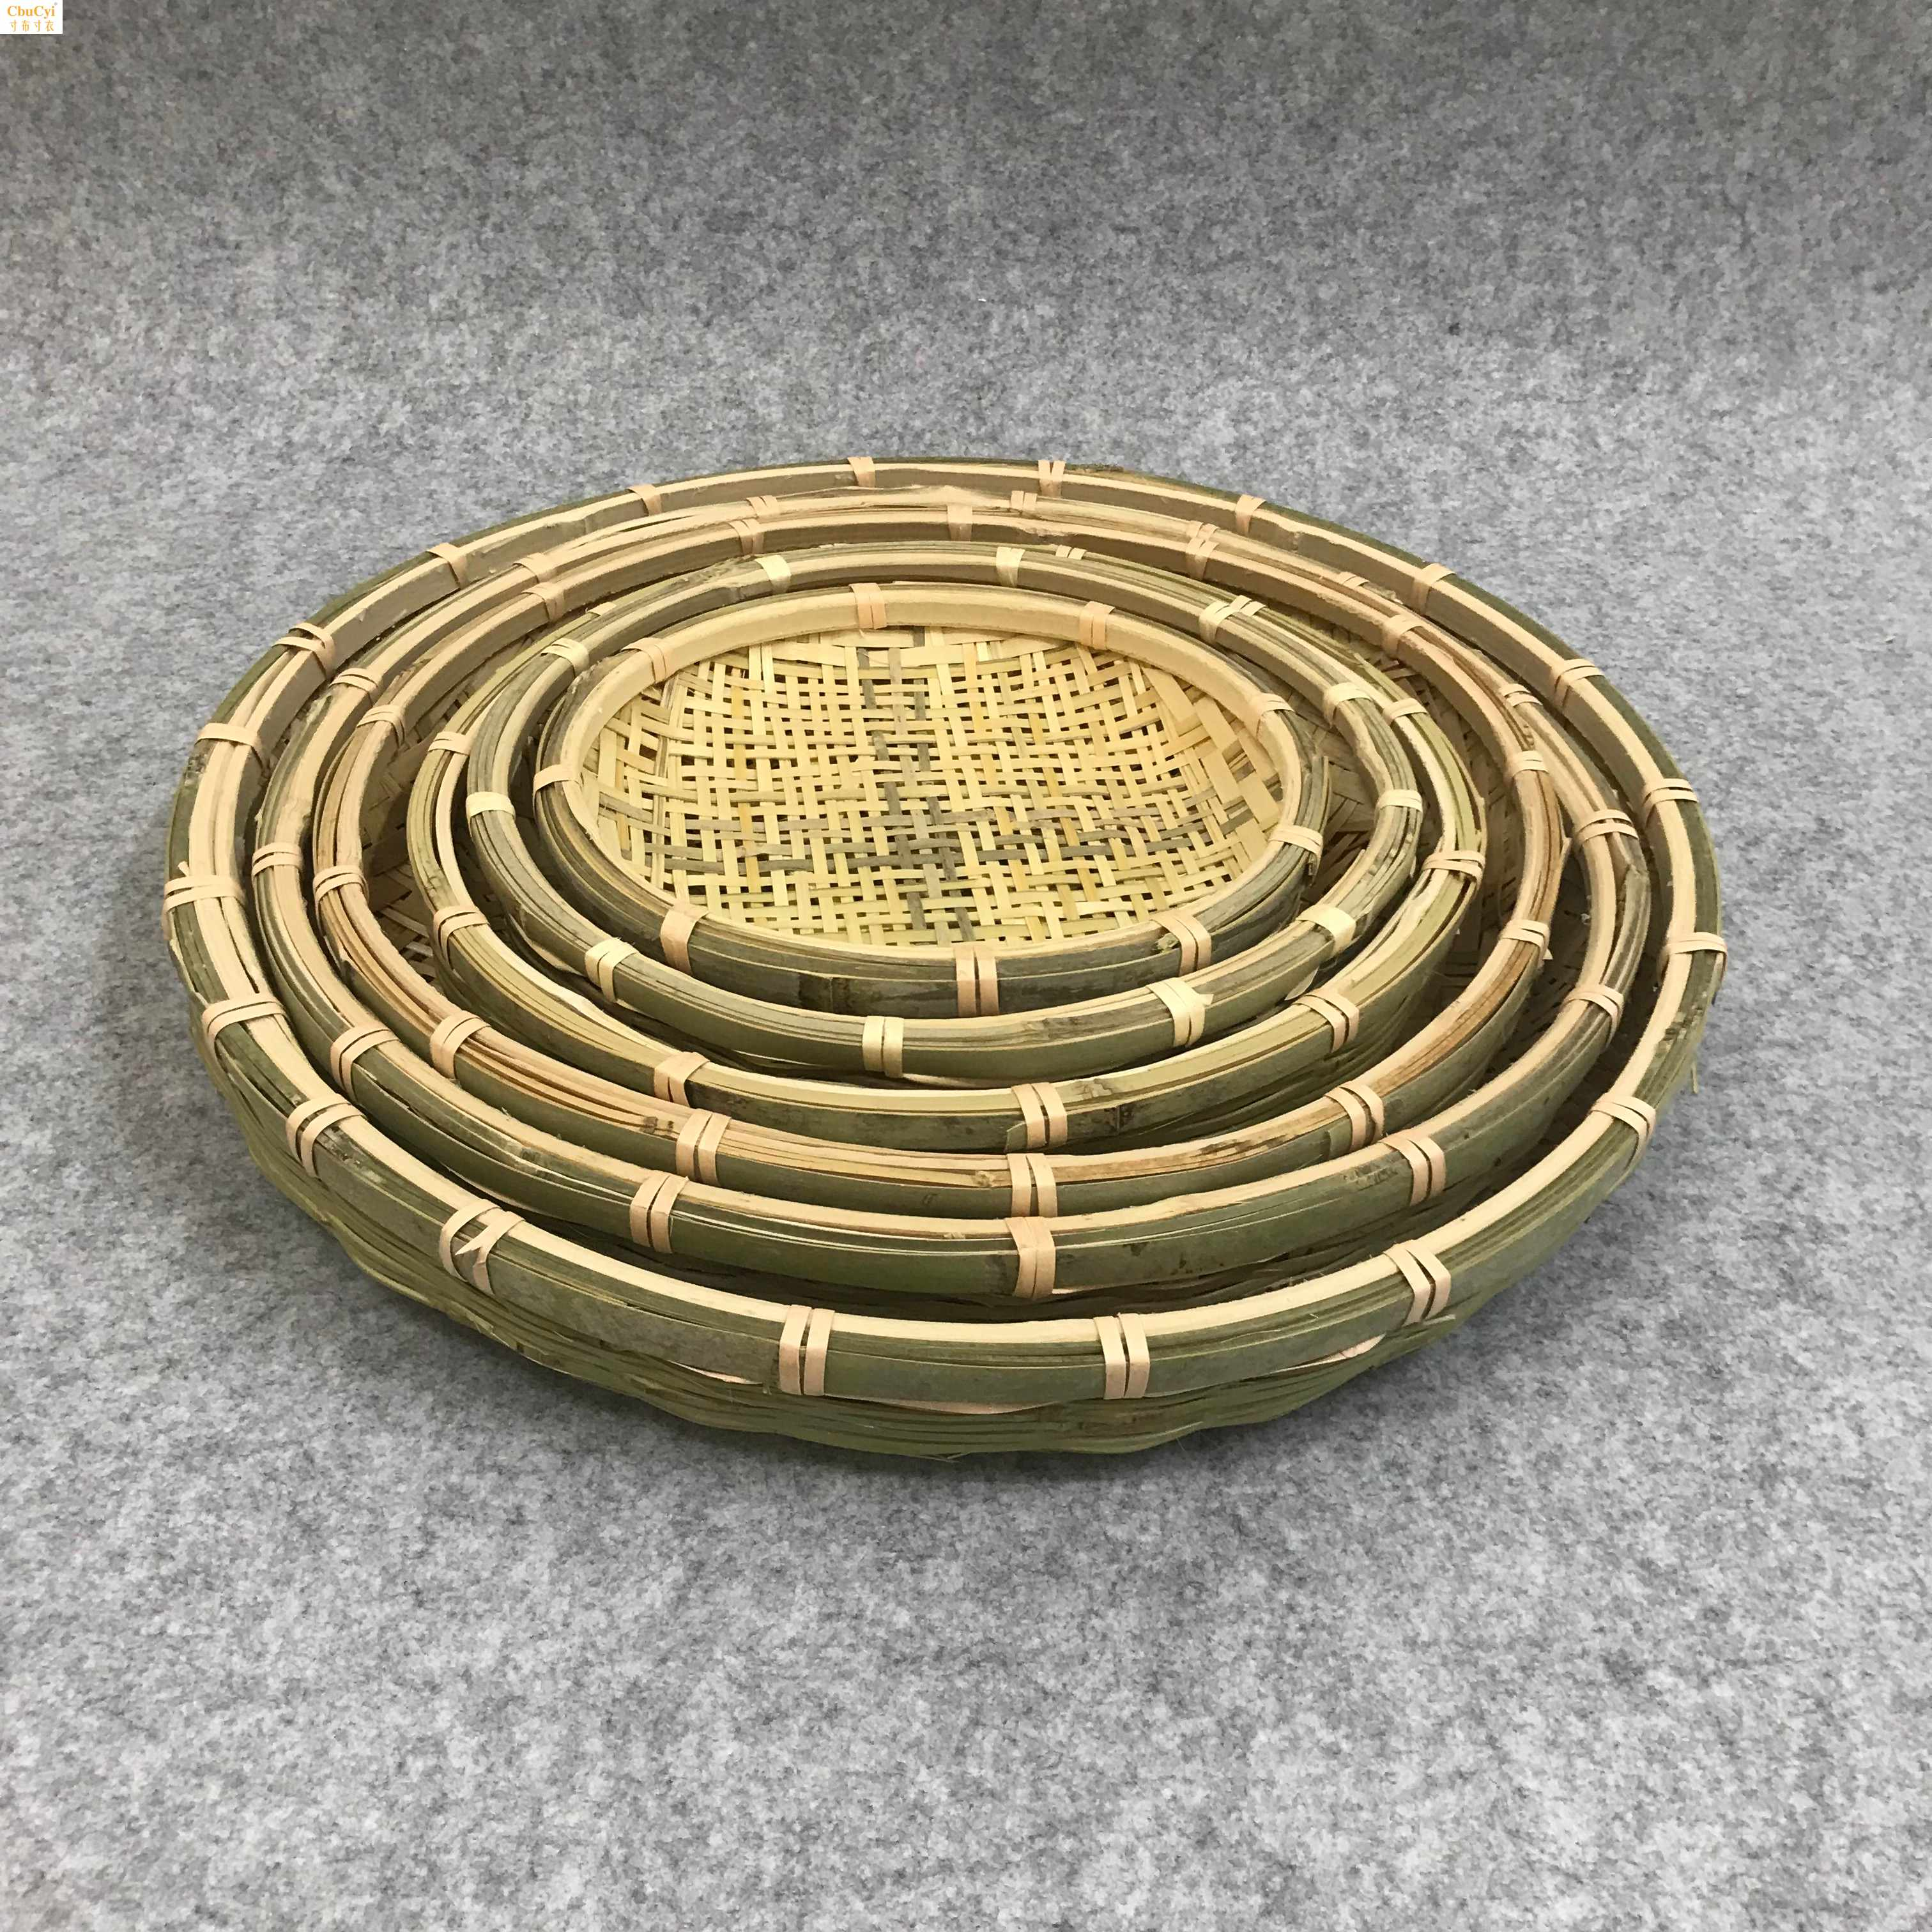 手工编织子家用圆形簸箕有孔凉晒干货竹匾米筛竹制品装饰